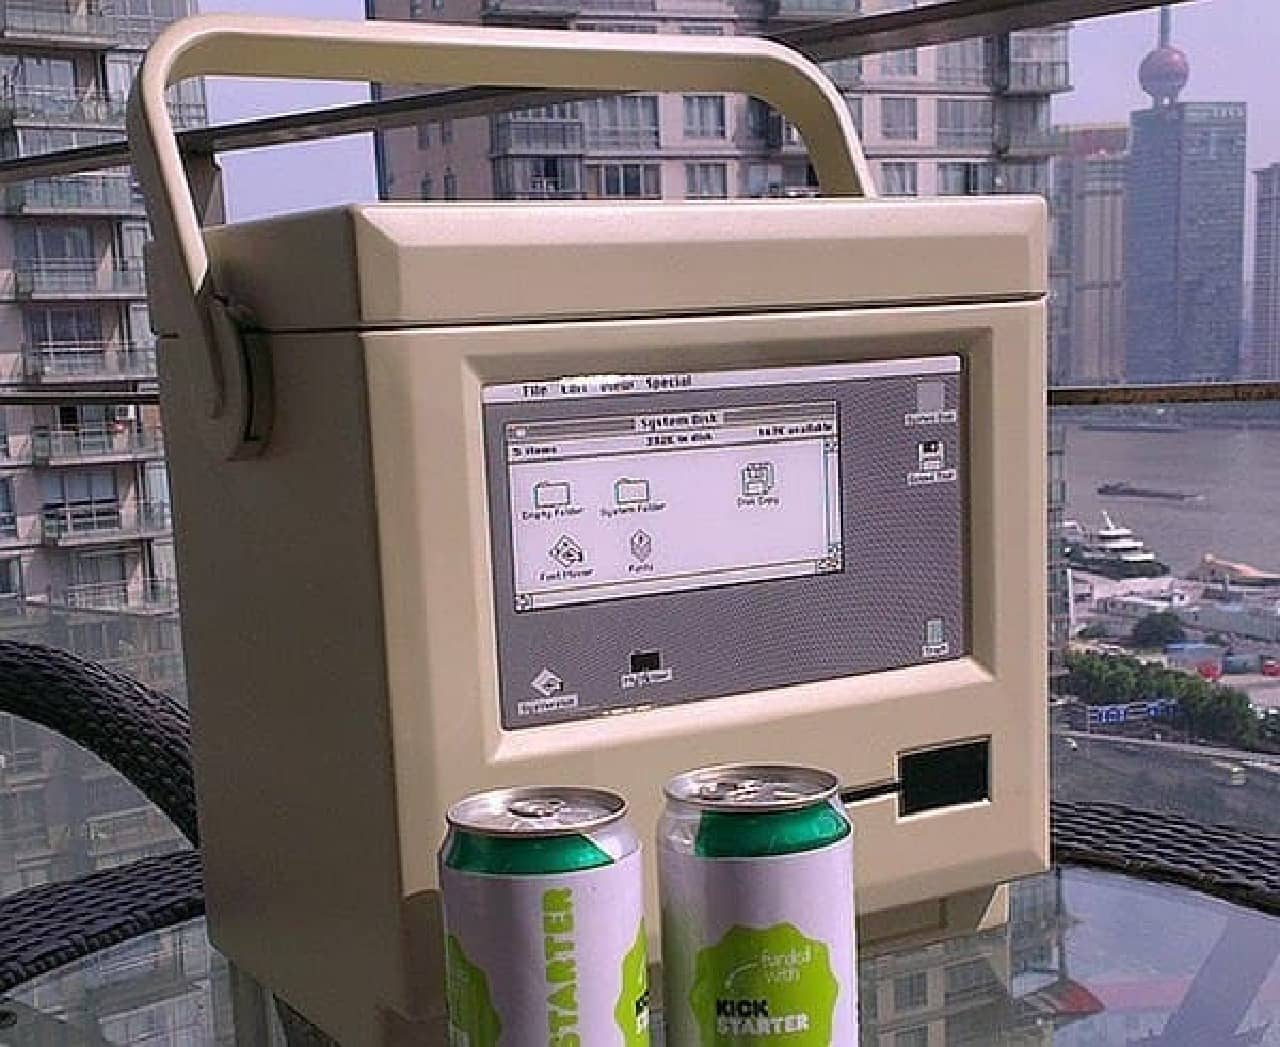 初期型 Macintosh をモチーフにしたクーラーボックス「MaCool(マックール)」